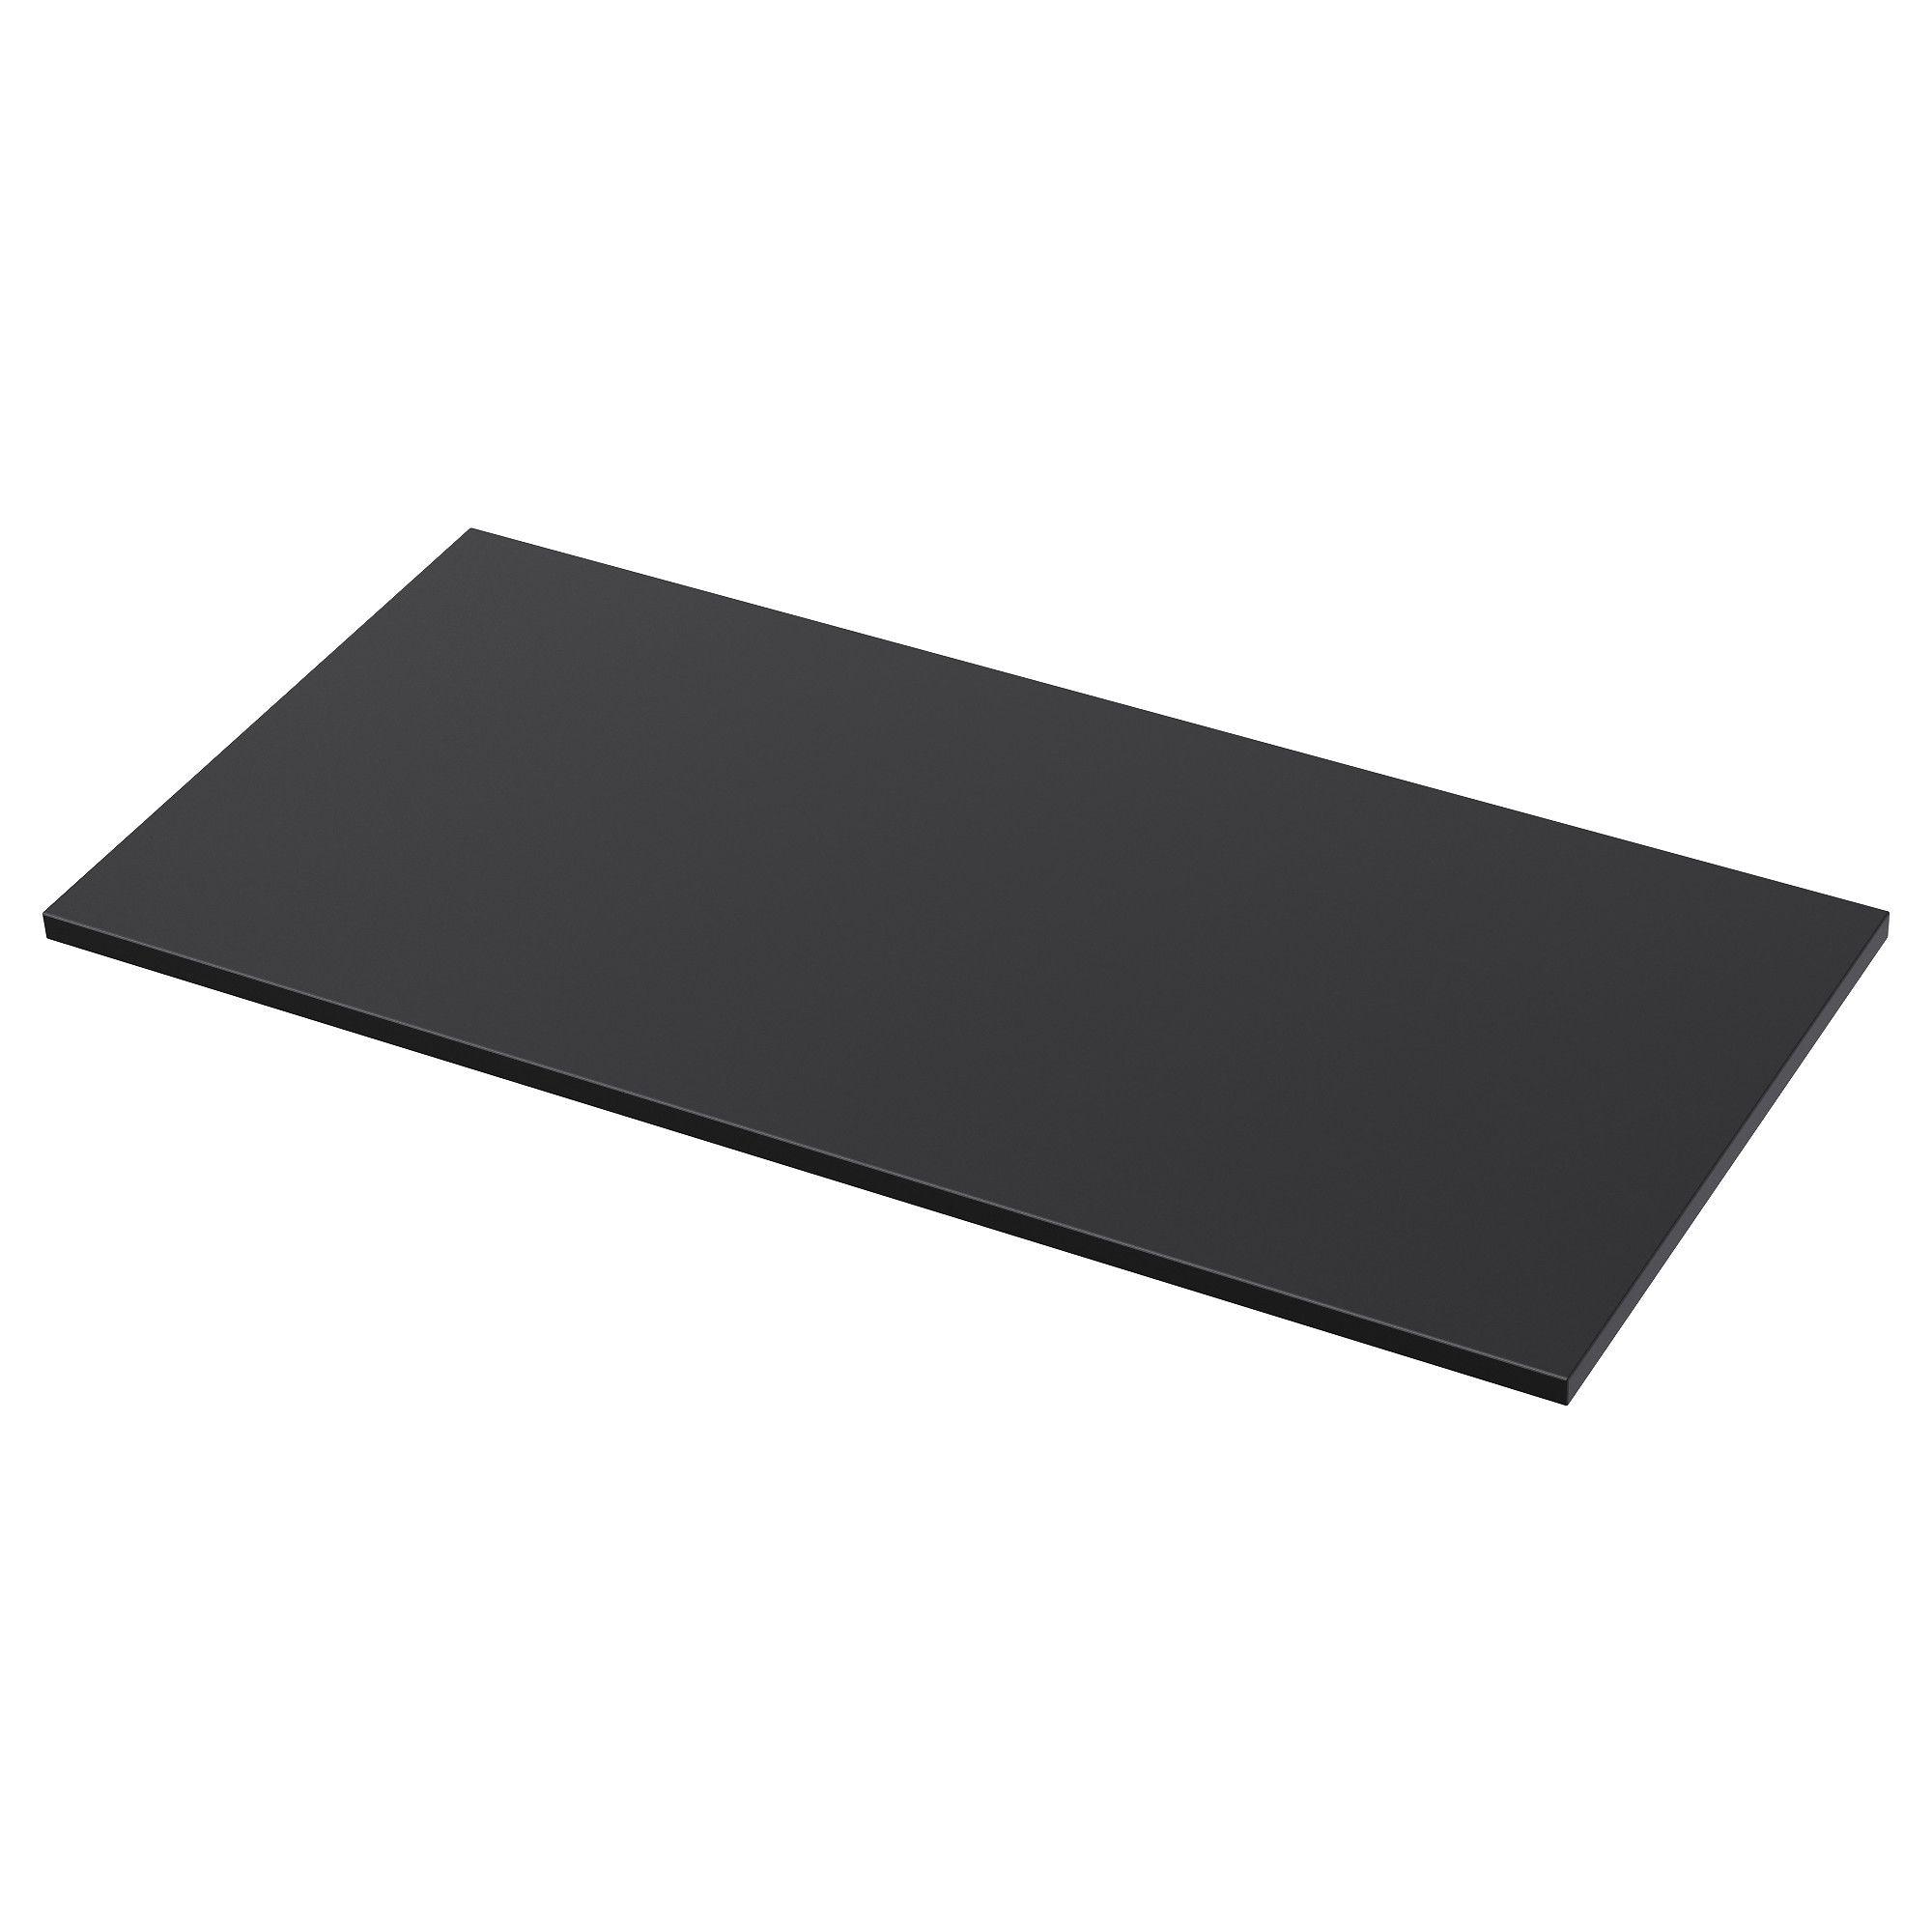 Tolken Countertop Anthracite 40 1 8x19 1 4 Countertops